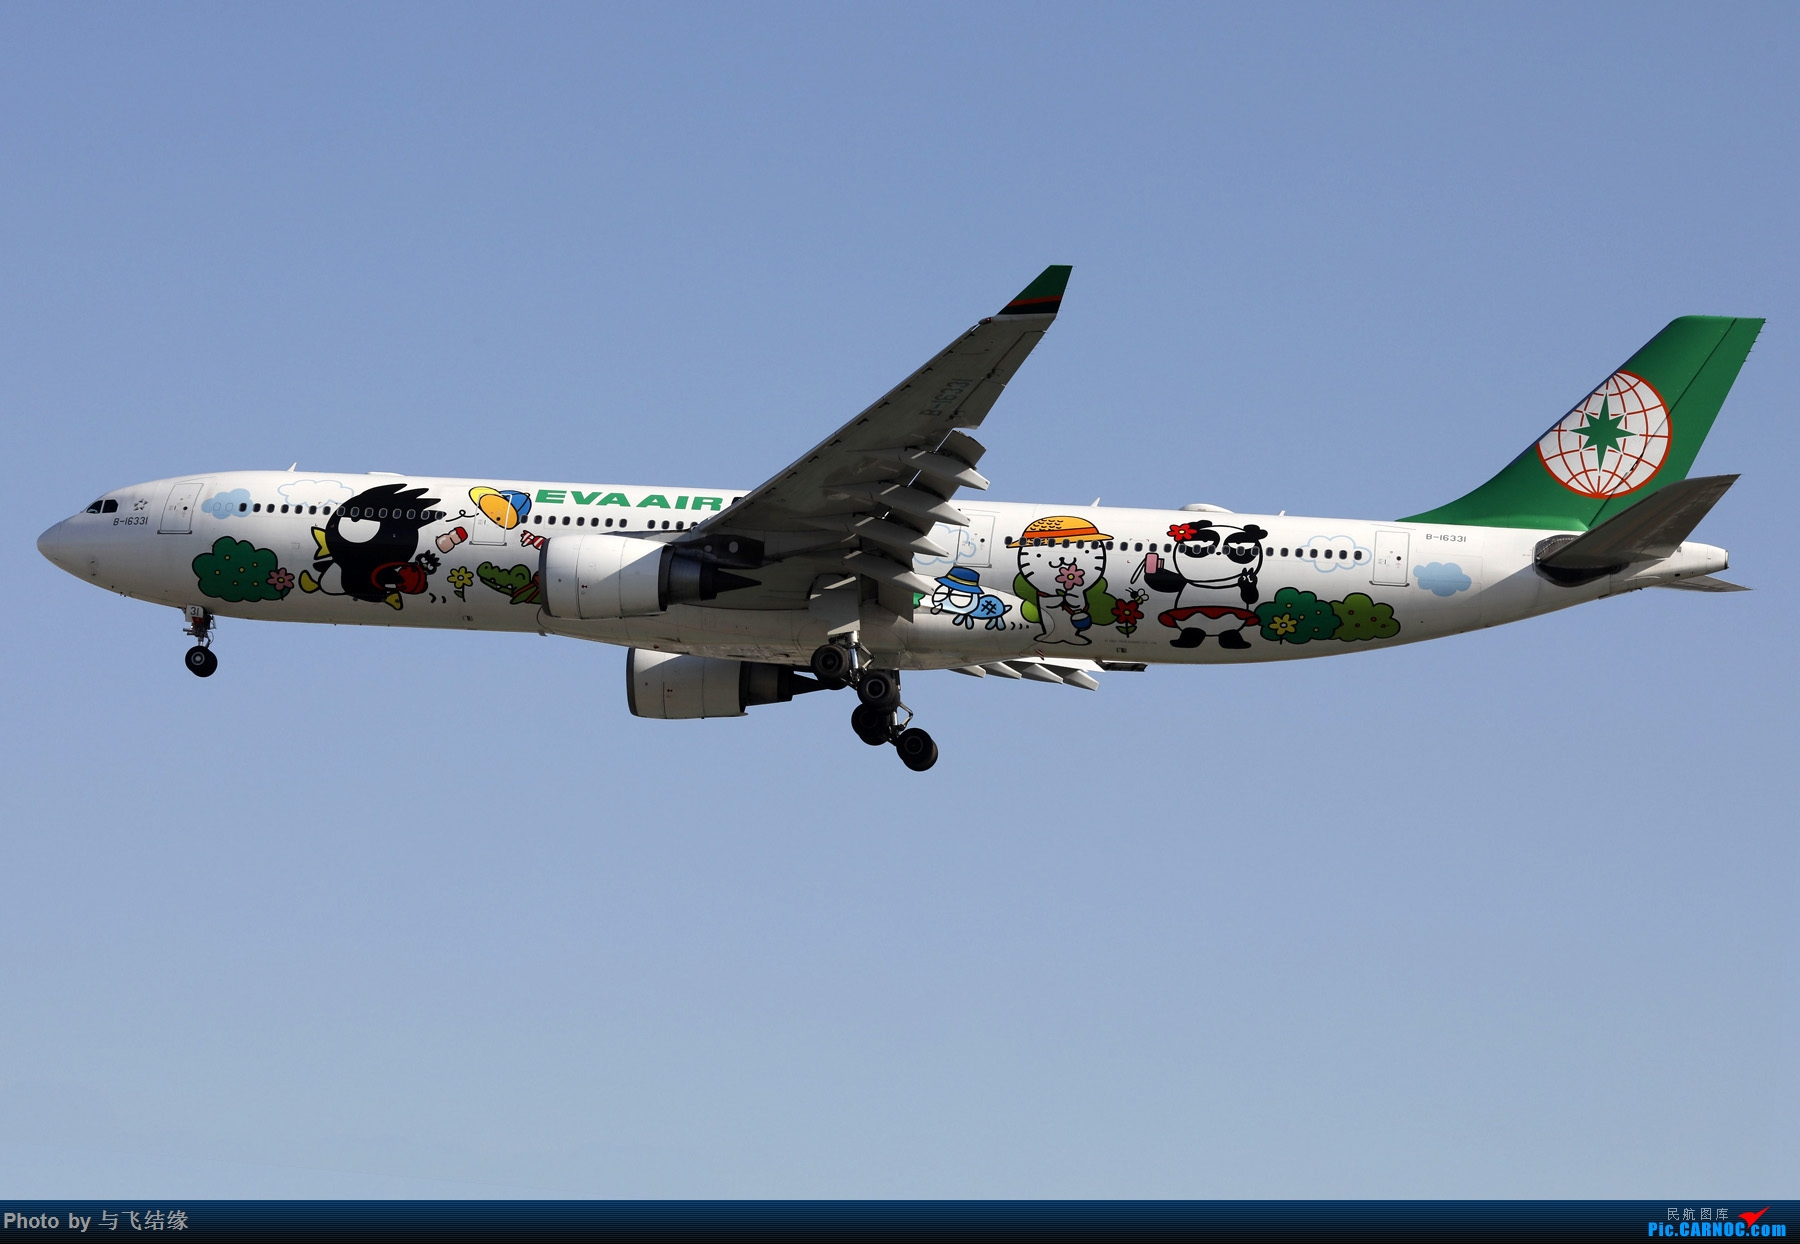 [原创]一张图:长荣航空Hell kitty彩绘莅临PEK. AIRBUS A330-300 B-16331 中国北京首都国际机场